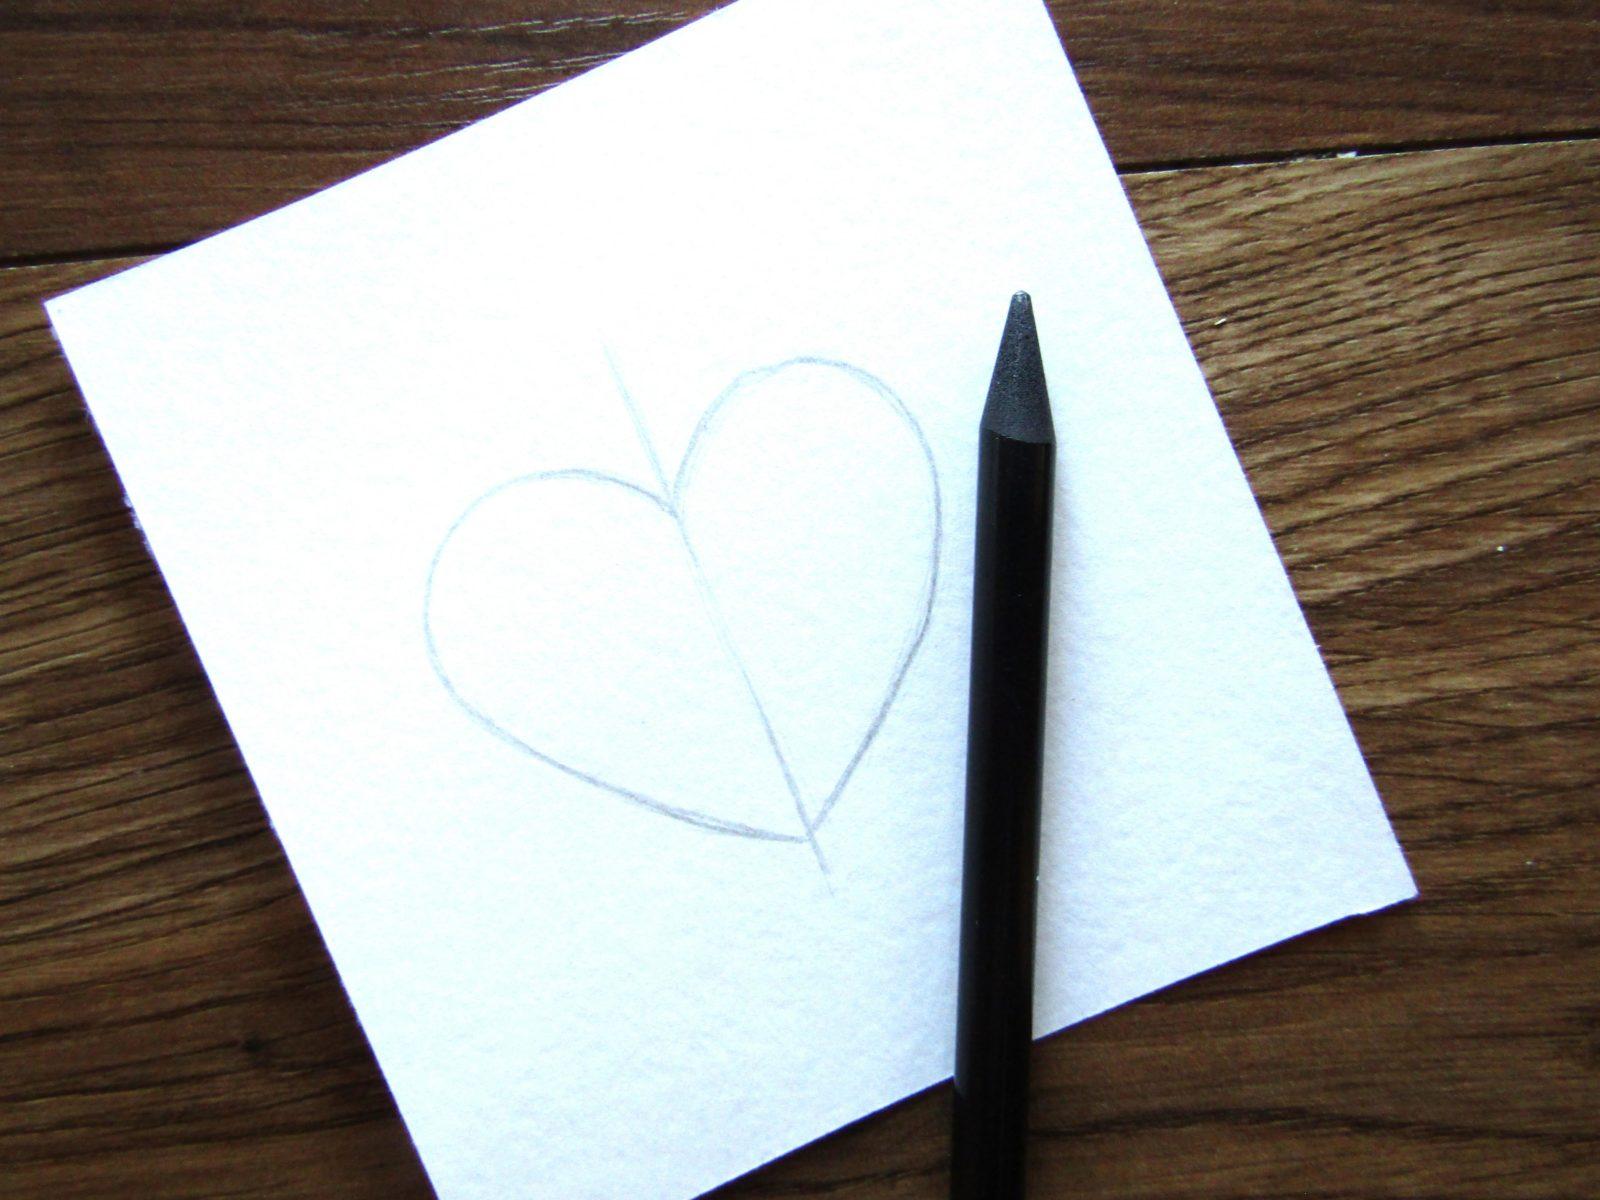 Как нарисовать сердечко гуашью - 2